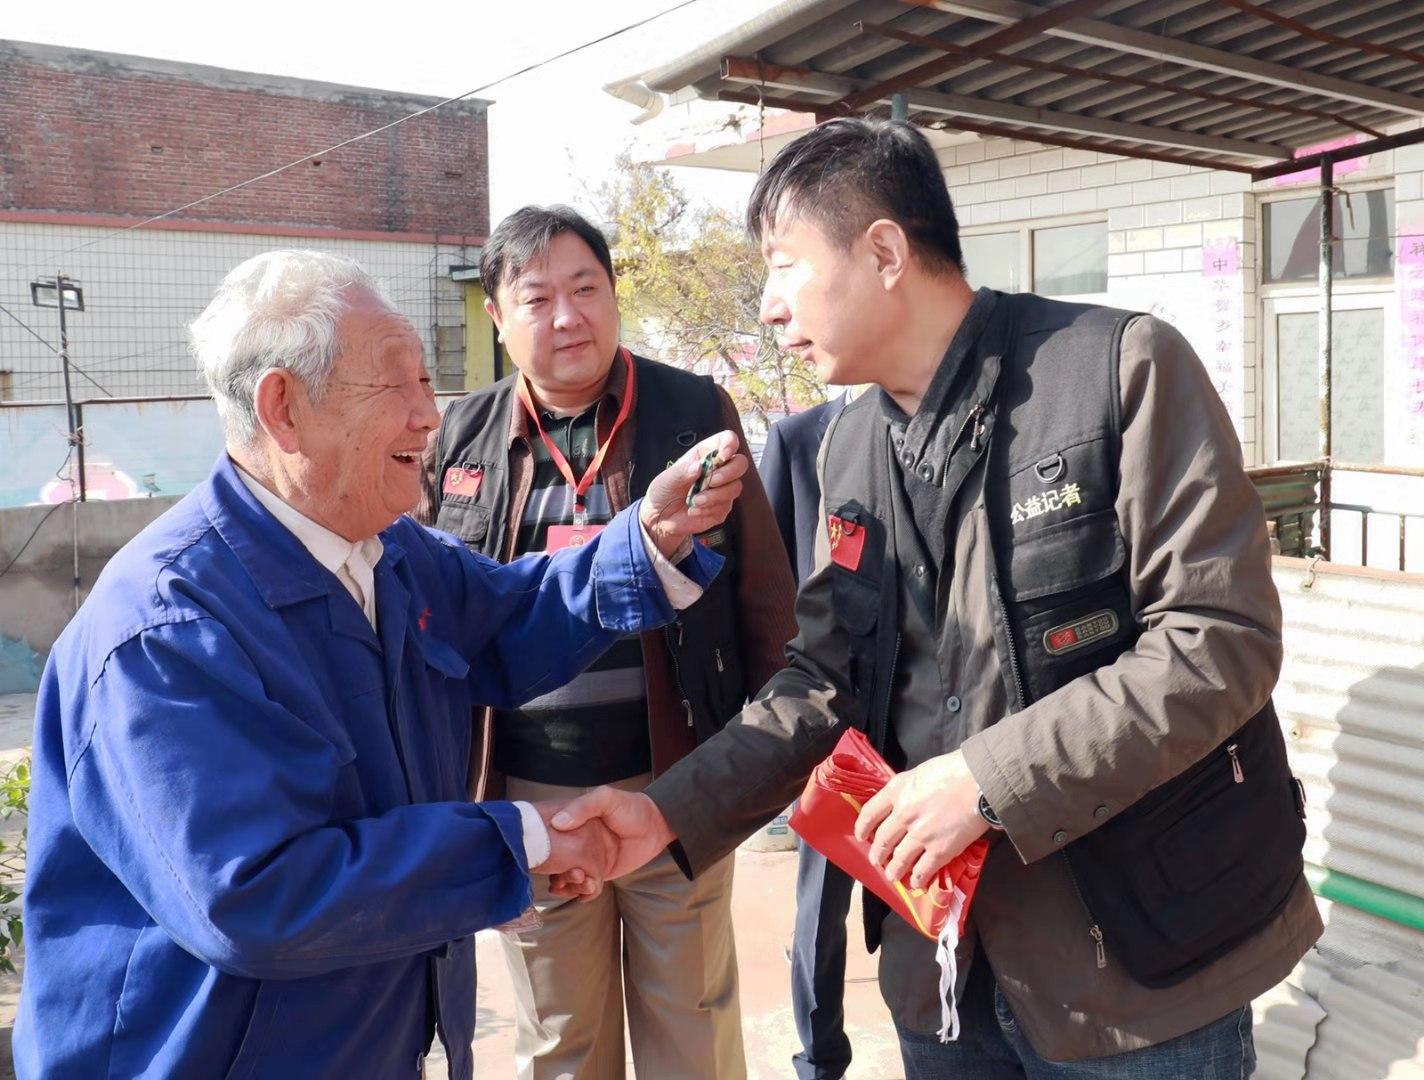 志願者攜手愛心企業探望一名退伍老兵,感受他永遠不變的初心